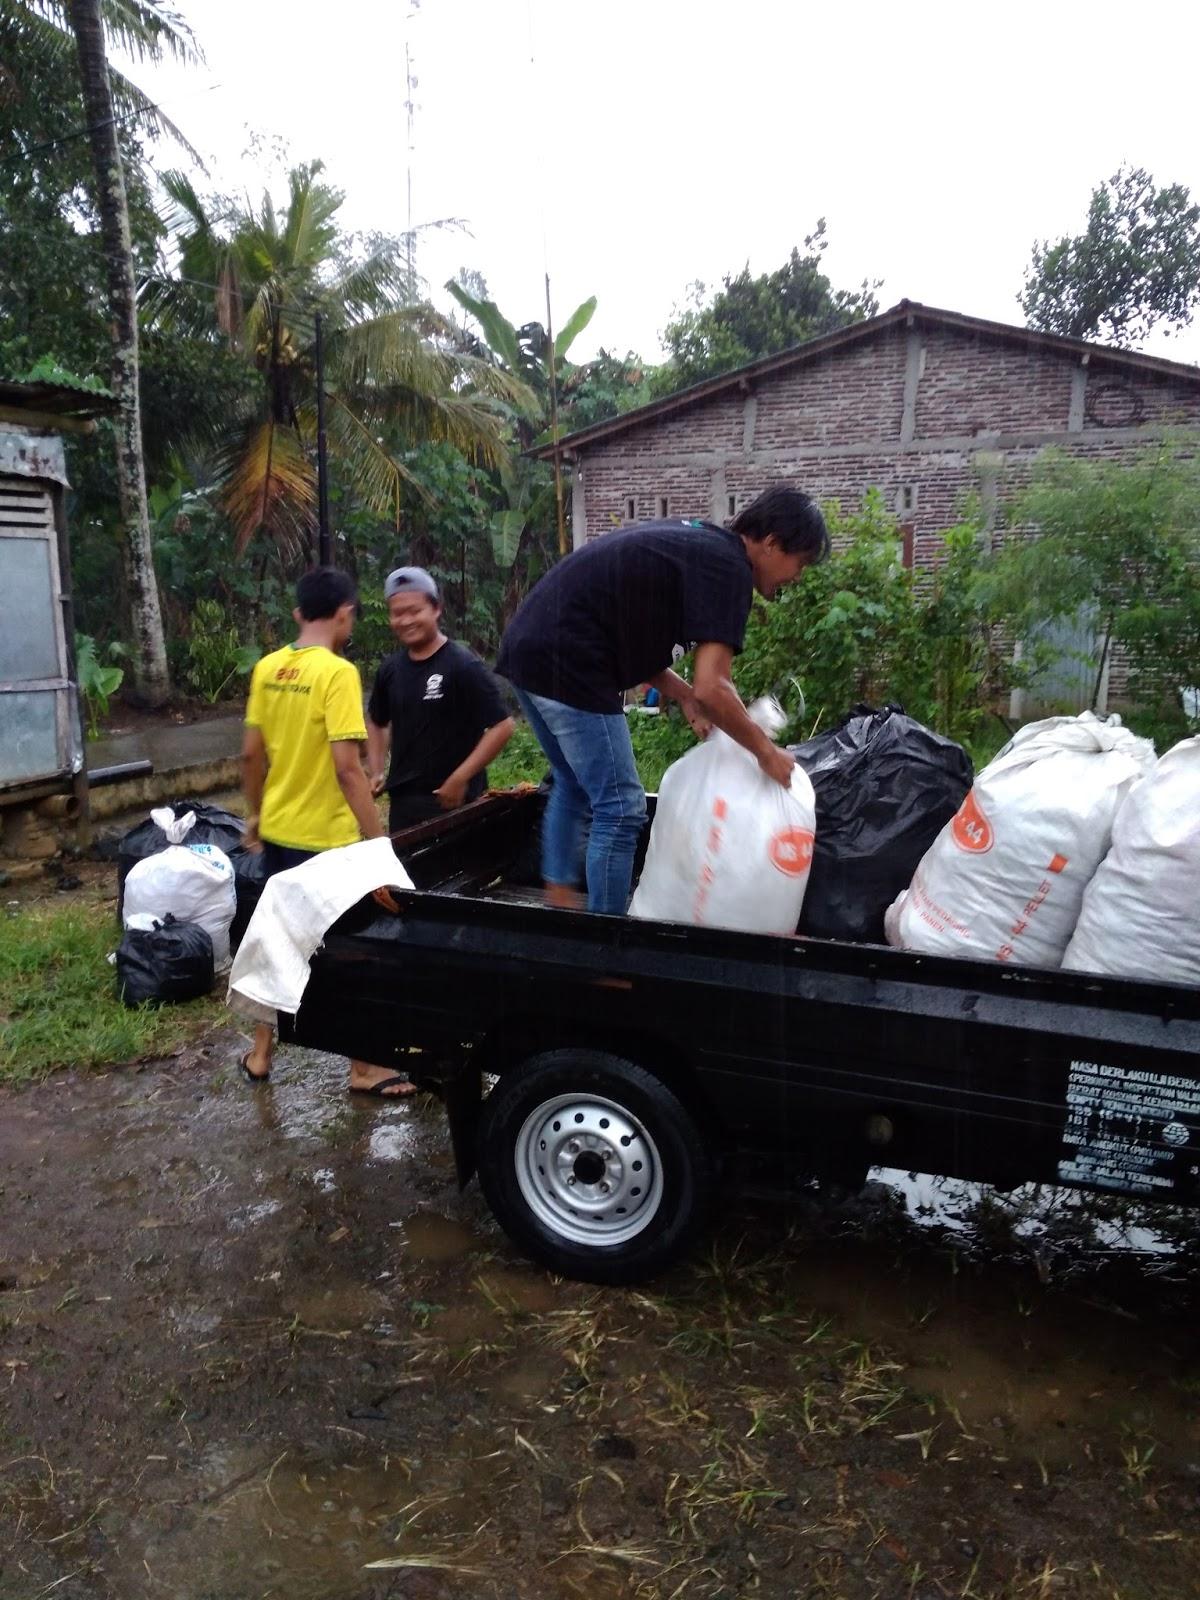 Dengan demikian penge aan sampah ini sangat efektif untuk dikembangkan secara lebih luas di Kabupaten Banyumas untuk mengurangi sampah yang diangkut ke